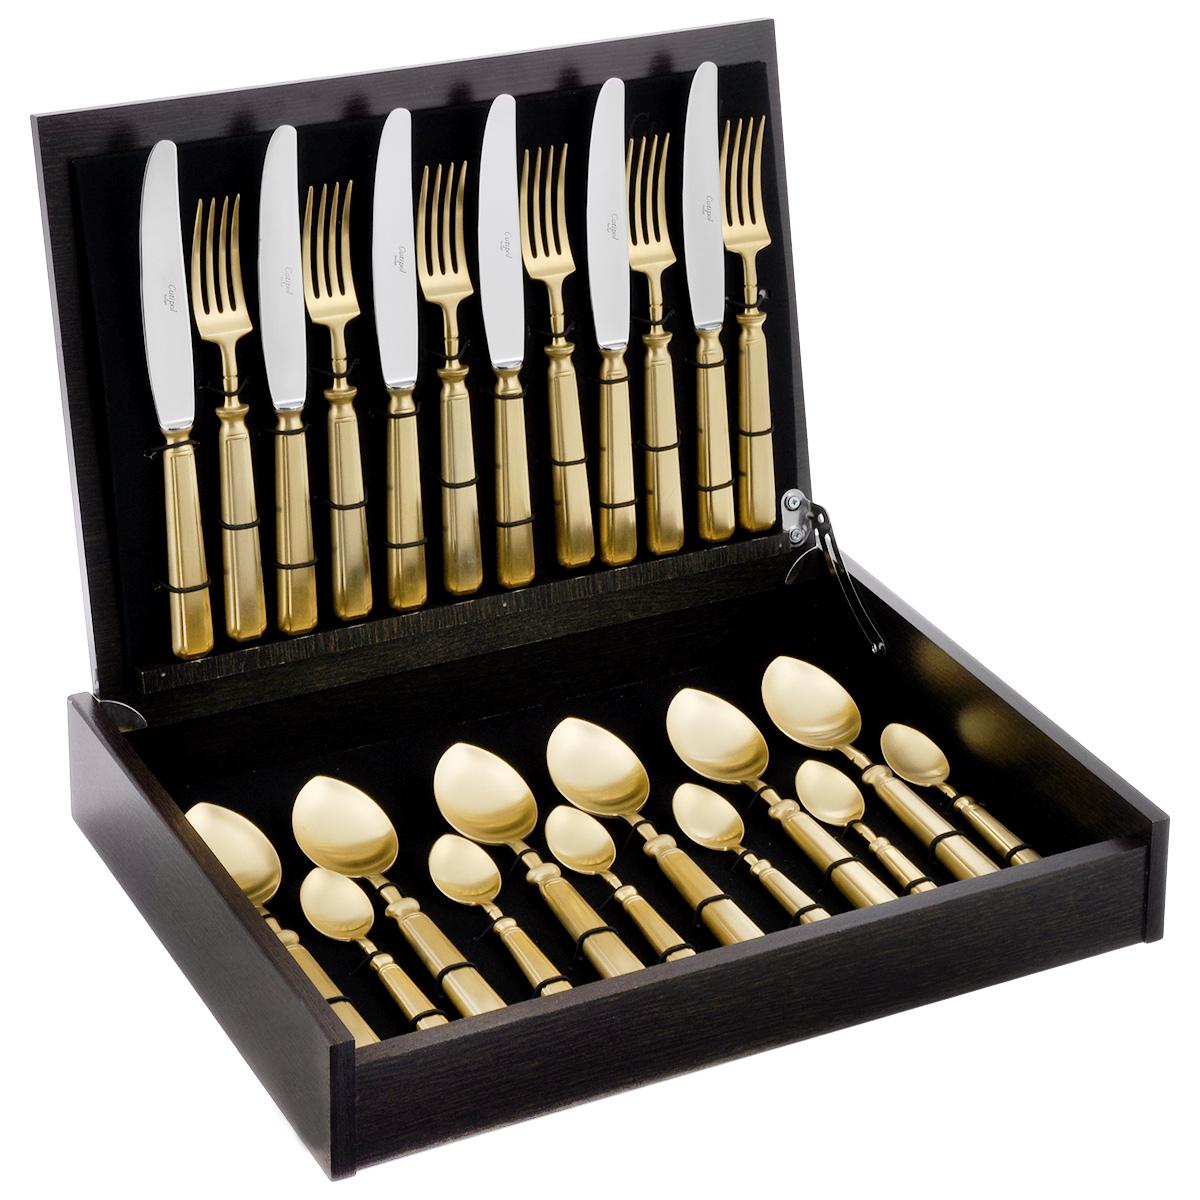 Набор столовых приборов Cutipol Piccadilly, цвет: золотой, 24 предмета9142Набор столовых приборов Cutipol Piccadilly, изготовленный из высококачественной полированной нержавеющей стали, состоит из 6 вилок, 6 ножей, 6 столовых ложек и 6 чайных ложек. Качество столовых приборов во многом зависит от того материала, из которого они сделаны. Однако не менее важно и качество изготовления. Молекулярная структура нержавеющей хромоникелевой стали 18/10 (18% хрома, 10% никеля) с высокими гигиеническими показателями позволяет столовым приборам долго сохранять свой первоначальный внешний вид даже при интенсивном использовании и регулярном мытье. Отменный блеск всех изделий является результатом многоуровневого процесса технологической полировки. Благодаря этому приборы максимально долго остаются гладкими и блестящими. Все изделия имеют функциональную удобную форму. Набор выполнен с применением передовых технологий производства из высококлассных материалов и полностью соответствует самым строгим мировым стандартам в области безопасности и экологии. Изящные вилки, ложки и ножи достойны королевского стола. Эффектный внешний вид этих приборов в сочетании с надежностью, практичностью и удобством в эксплуатации понравится всем, кто ценит качество и стиль. Для приборов предусмотрена деревянная шкатулка. Внутренняя поверхность задрапирована черной бархатистой тканью, для каждого прибора имеется своя выемка. Длина вилки: 21 см.Длина ножа: 24 см.Длина лезвия ножа: 13 см.Длина столовой ложки: 20,5 см.Длина чайной ложки: 13 см.